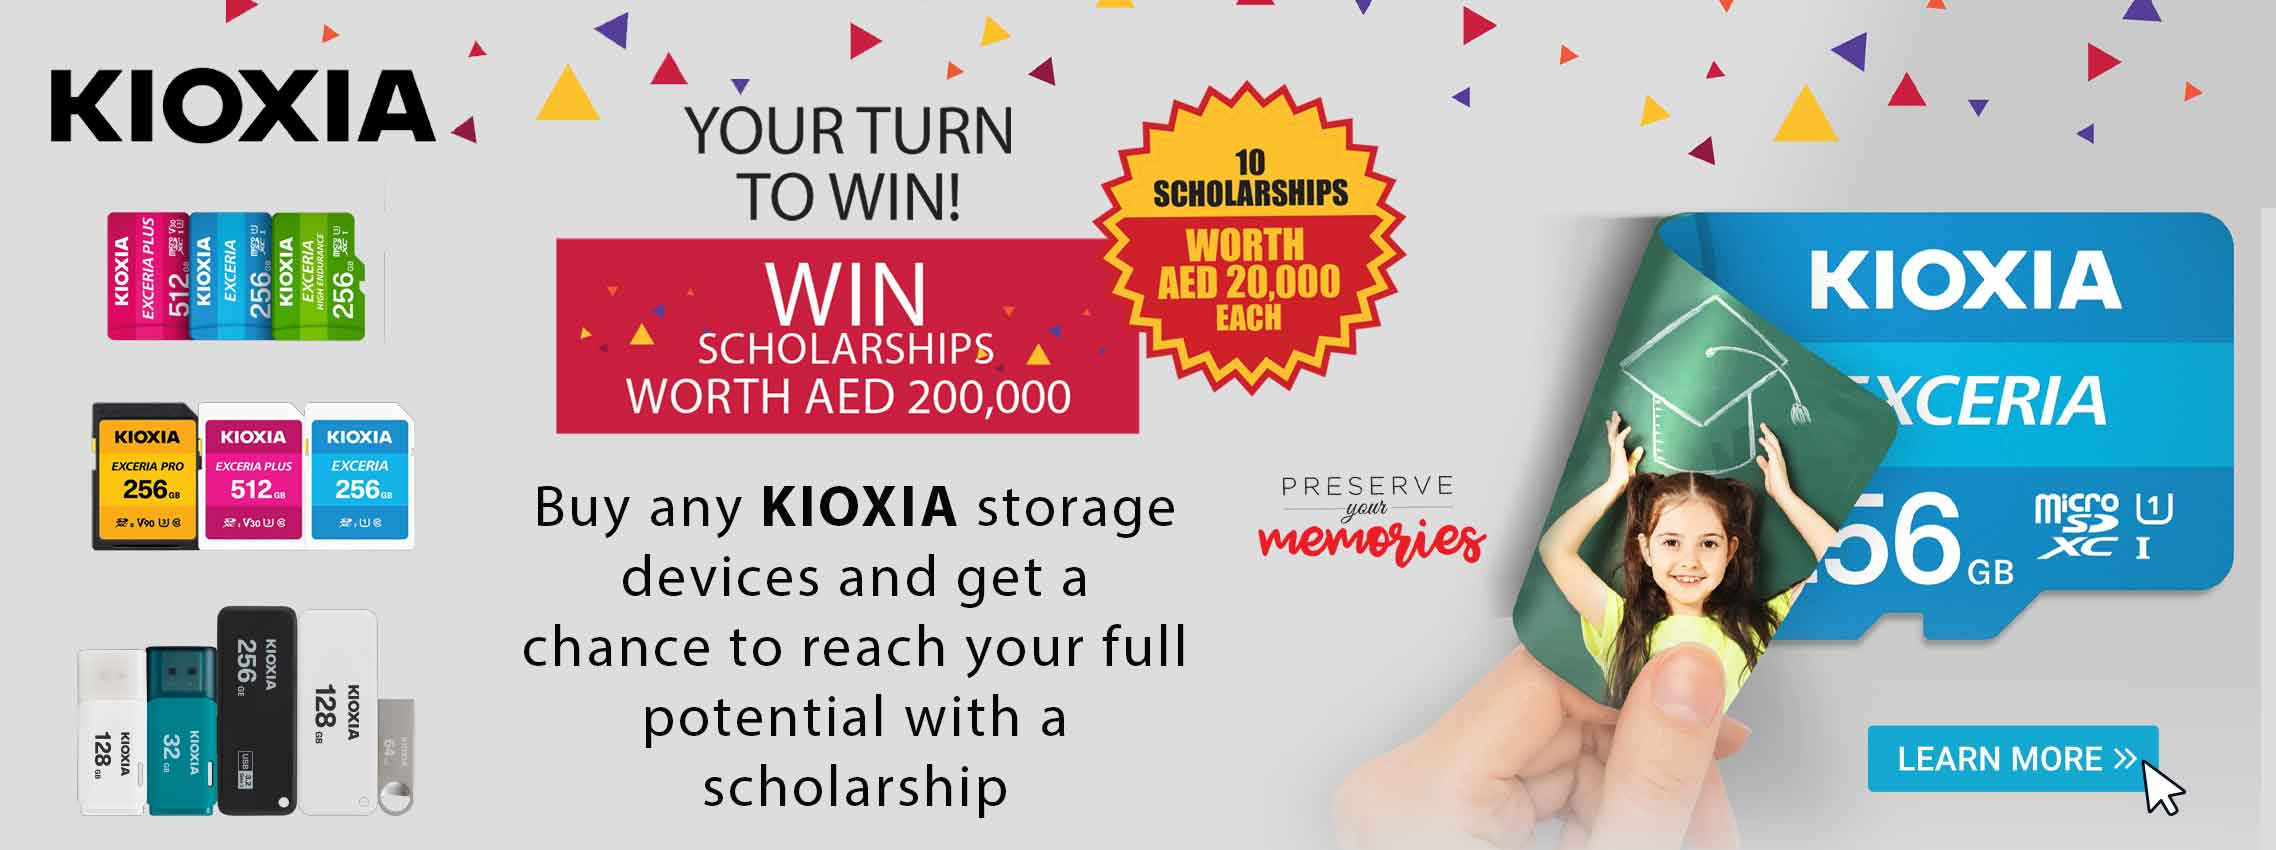 KIOXIA Promotions